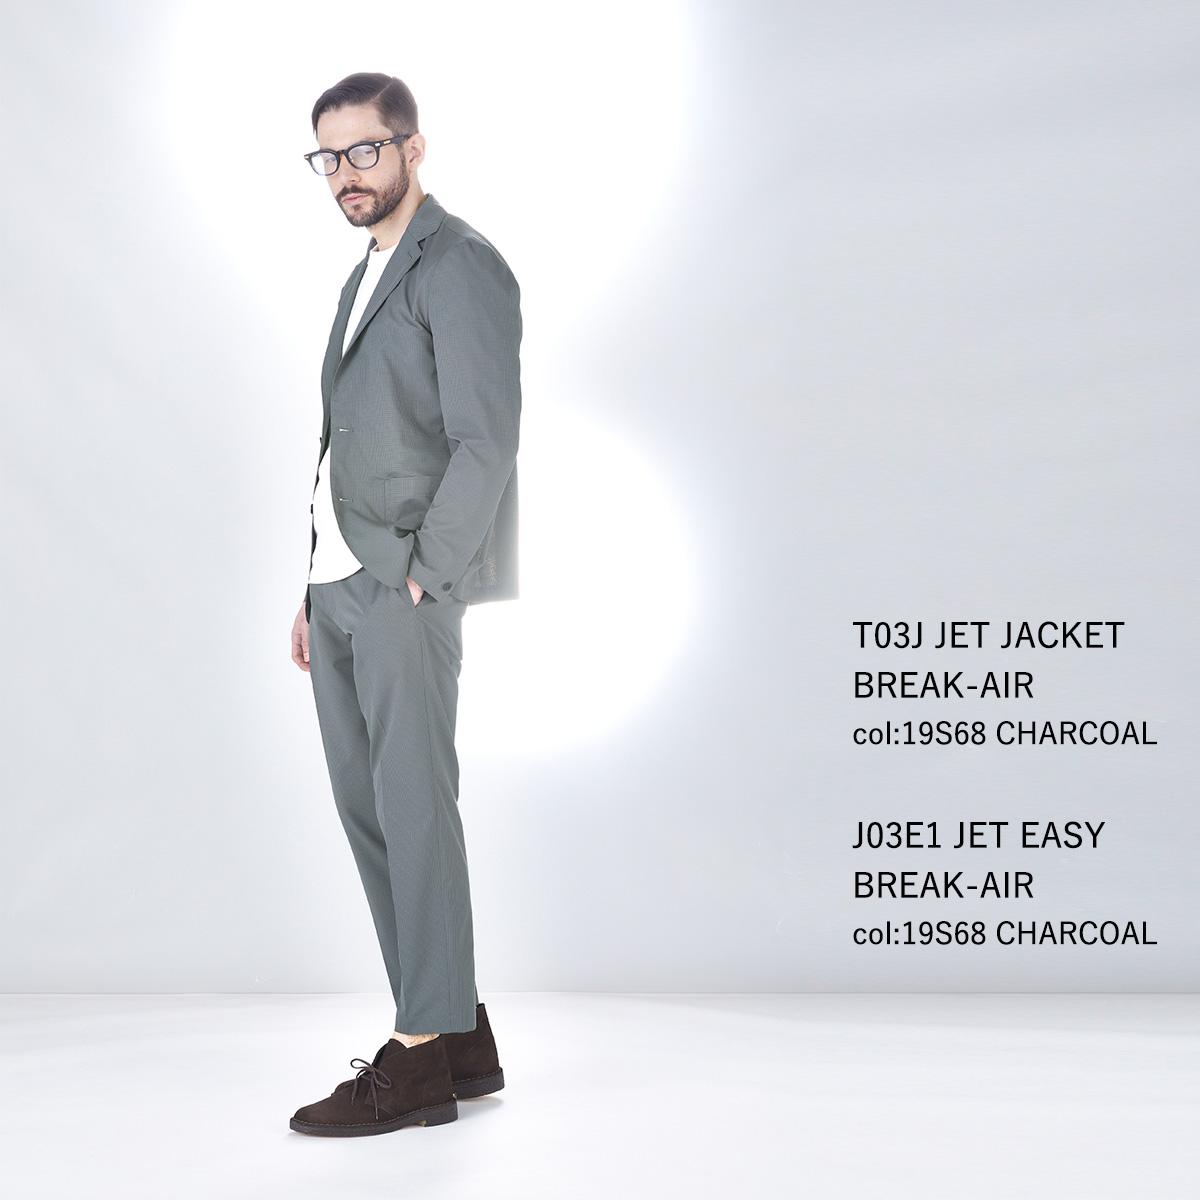 【セール】BMC スーツ メンズ 東レドットエア素材 吸水速乾 防しわ 軽量 通気性 ストレッチ 家庭洗濯 ジェット ブレイクエアー ジャケット パンツ セットアップ ブラック/ネイビー/グレー M-LL